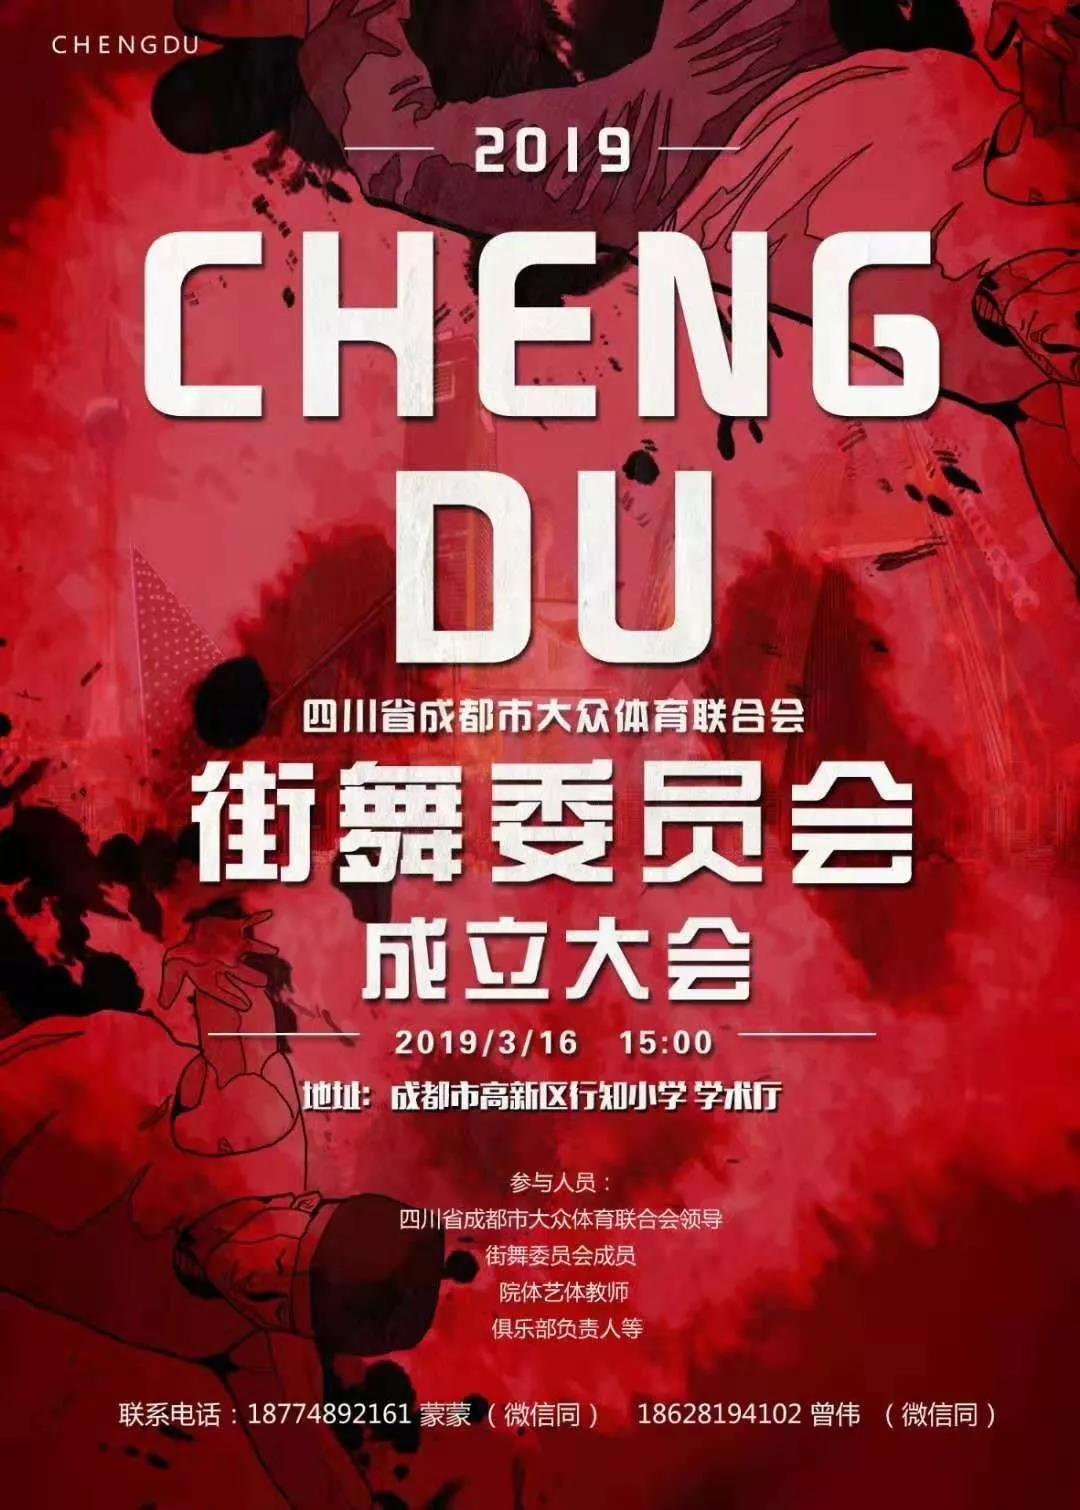 四川拟成立街舞委员会 杨凯、谢文珂等或将加入